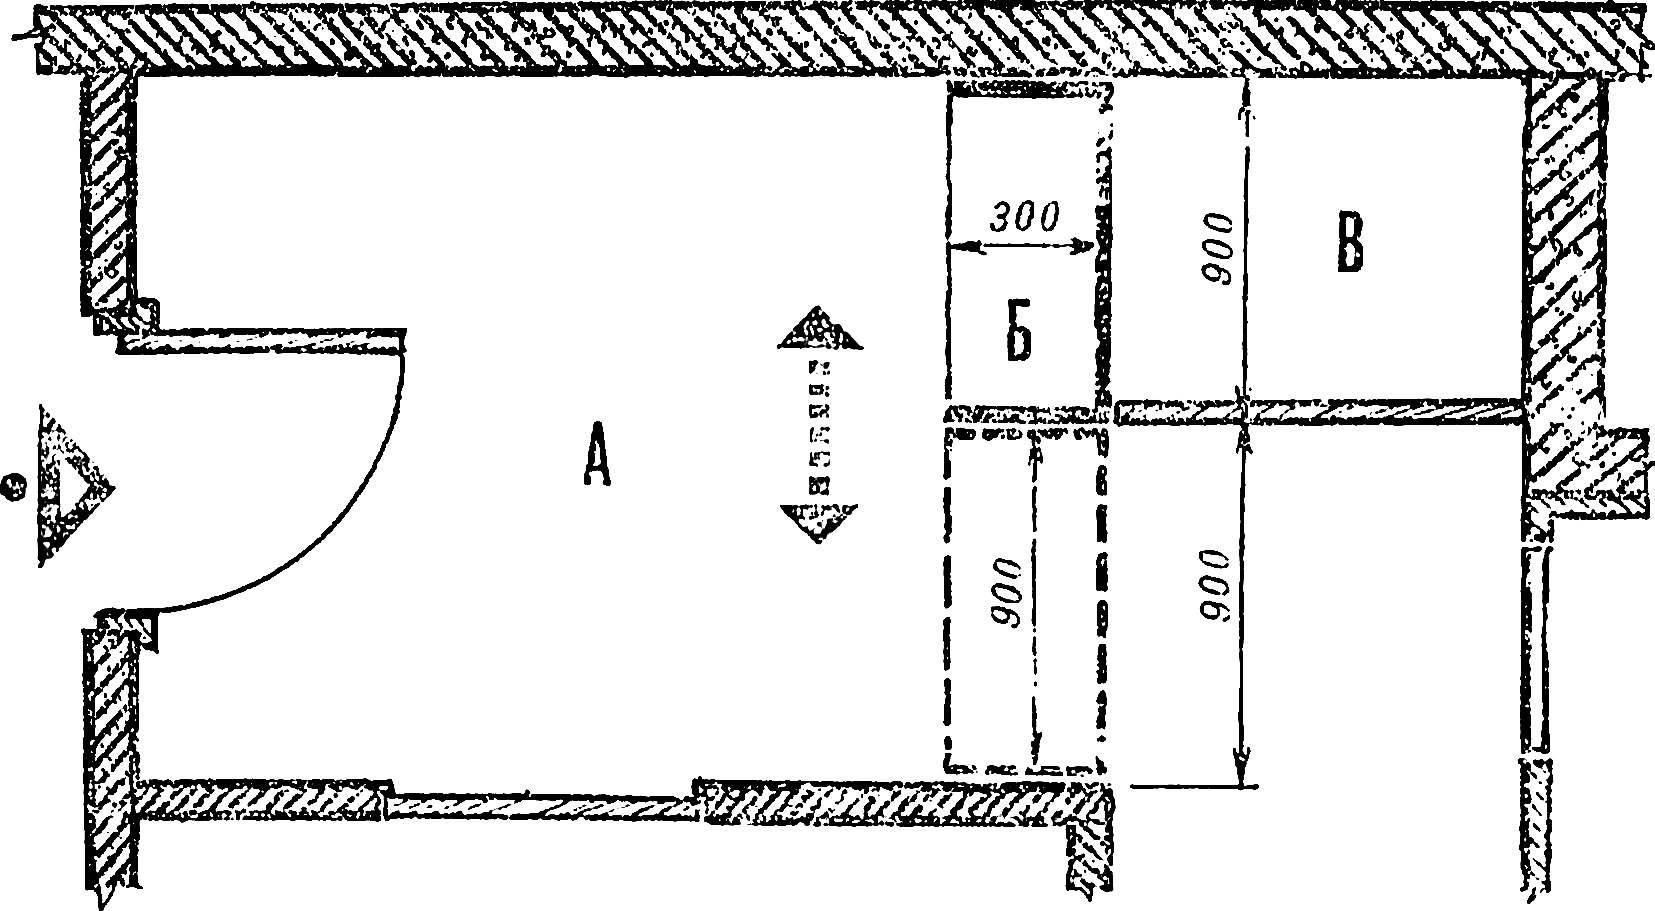 Рис. 1. План прихожей с передвижной вешалкой.